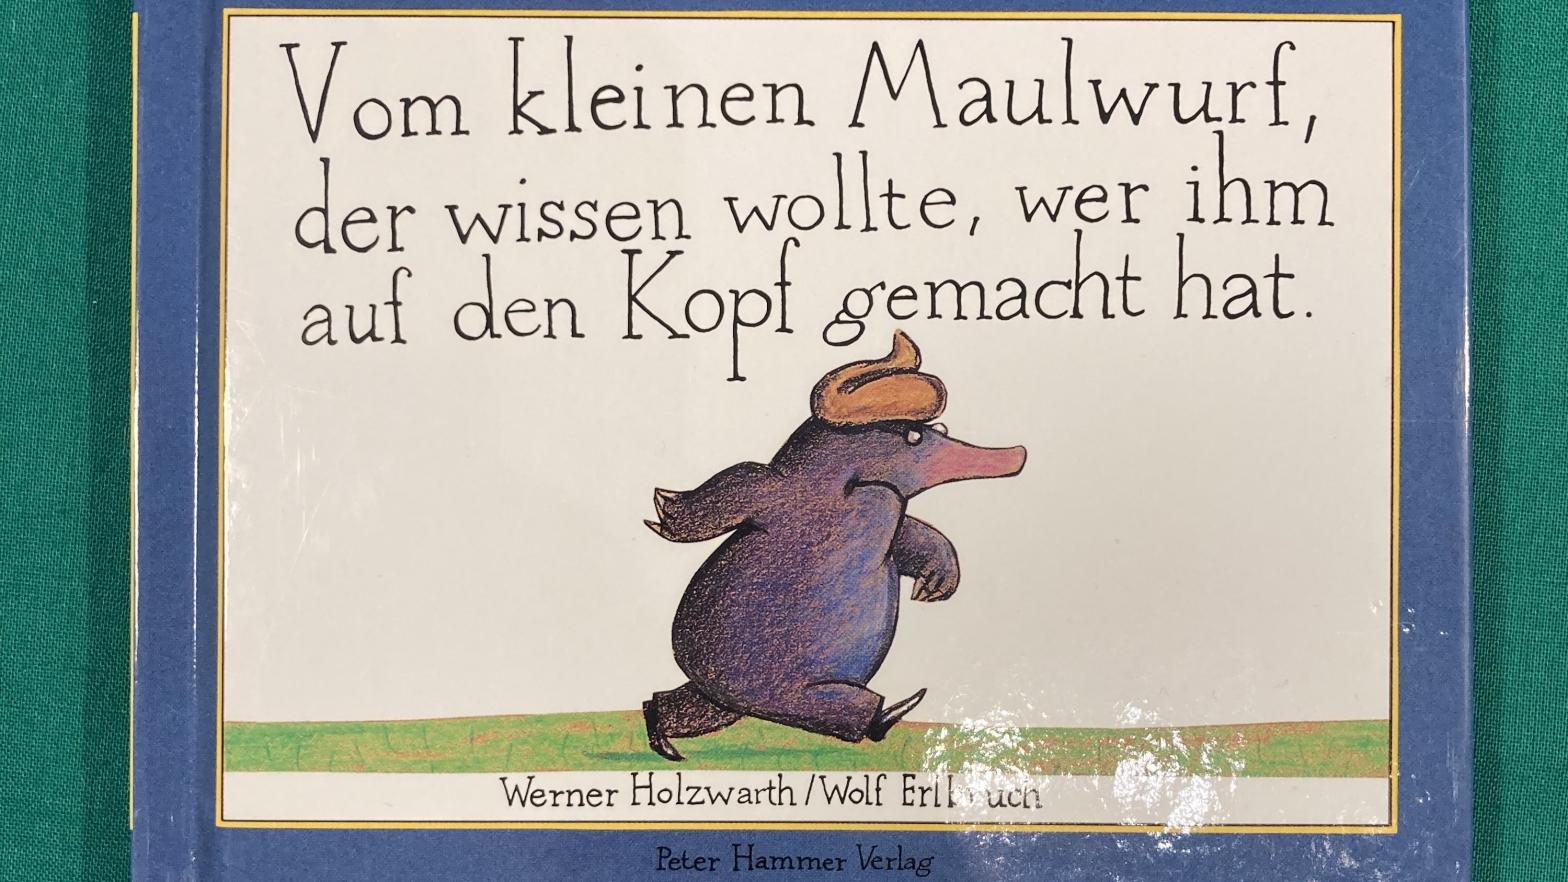 Buch Vom kleinen Maulwurf, der wissen wollte, wer ihm auf den Kopf gemacht hat